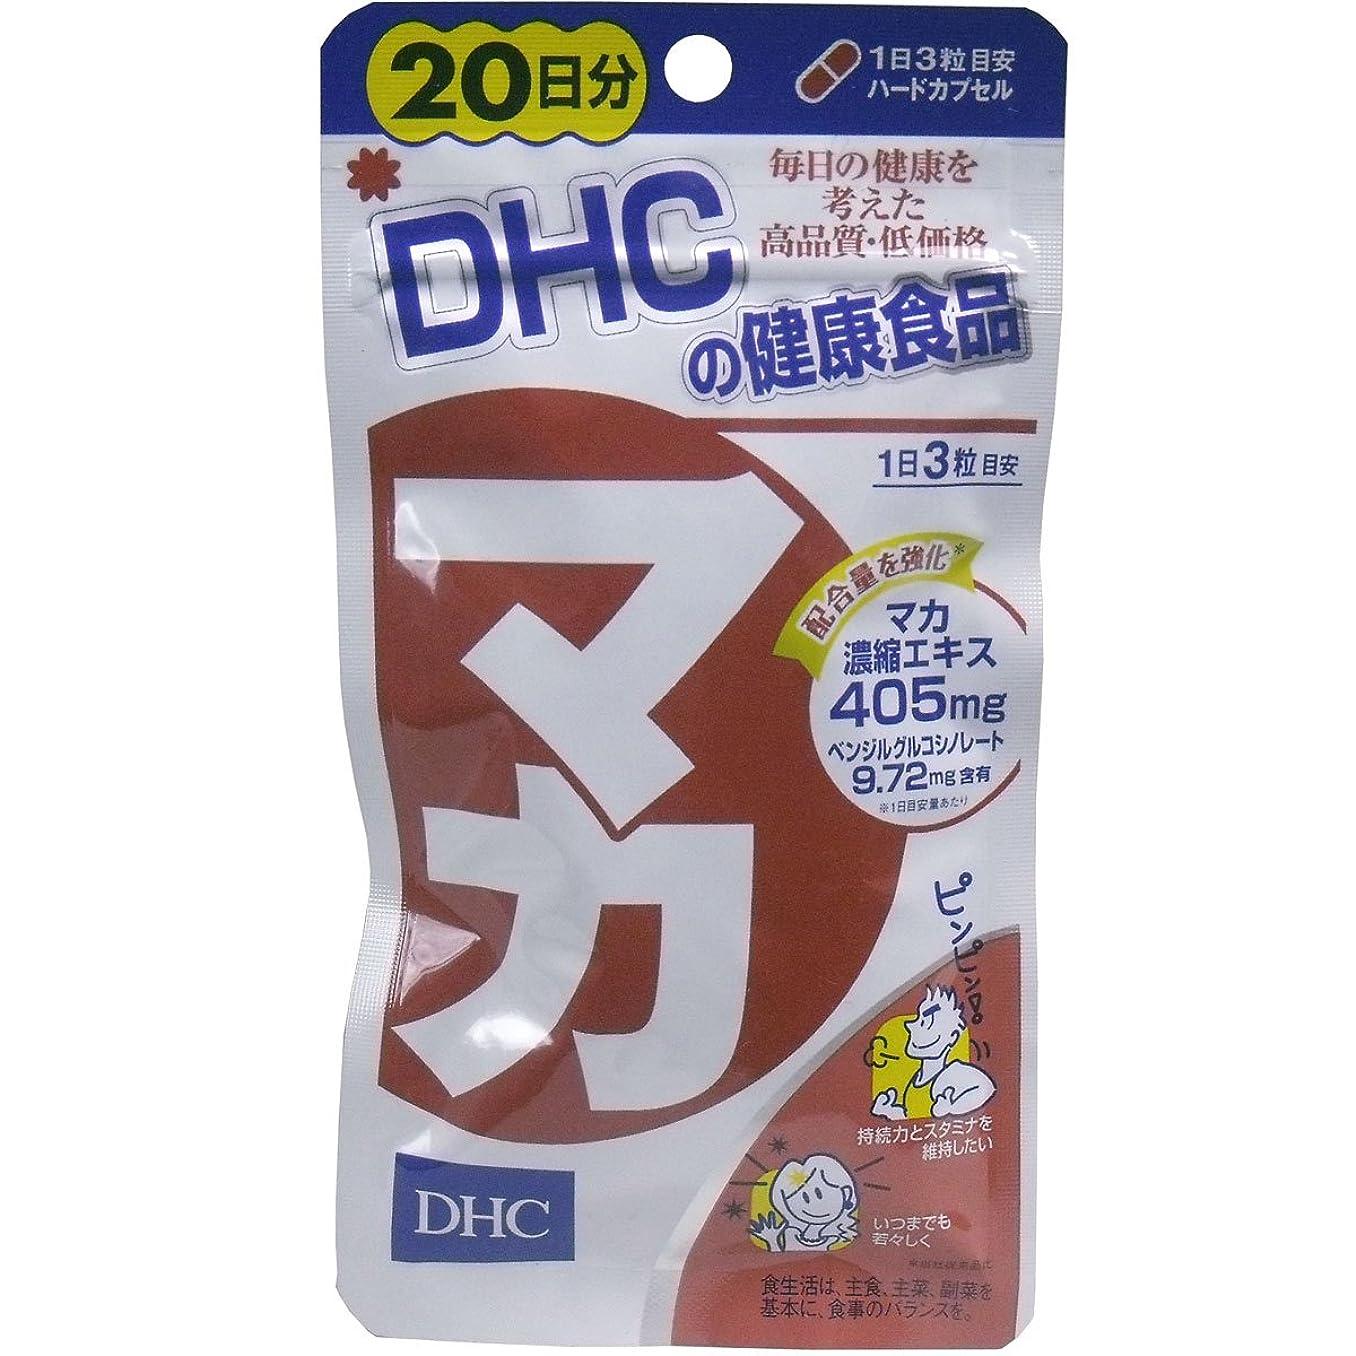 対話こどもの宮殿生まれDHC マカ 20日分 60粒(お買い得3個セット)